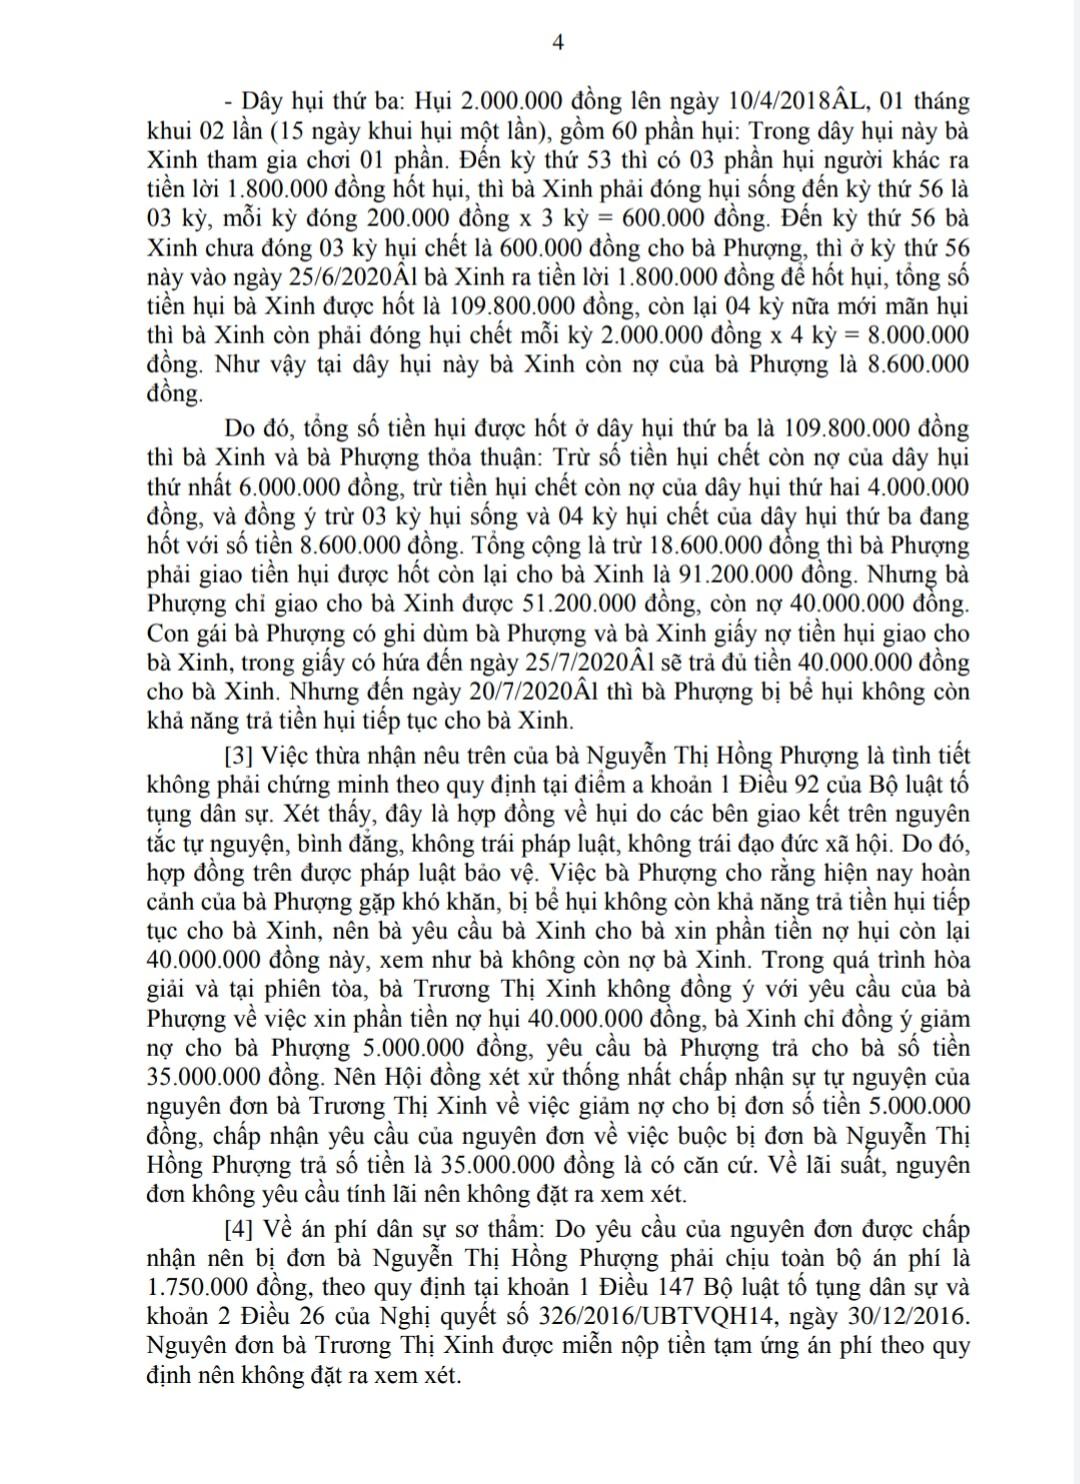 HUI 4 - TRANH CHẤP HỤI - BẢN ÁN THỰC TẾ TẠI SÓC TRĂNG